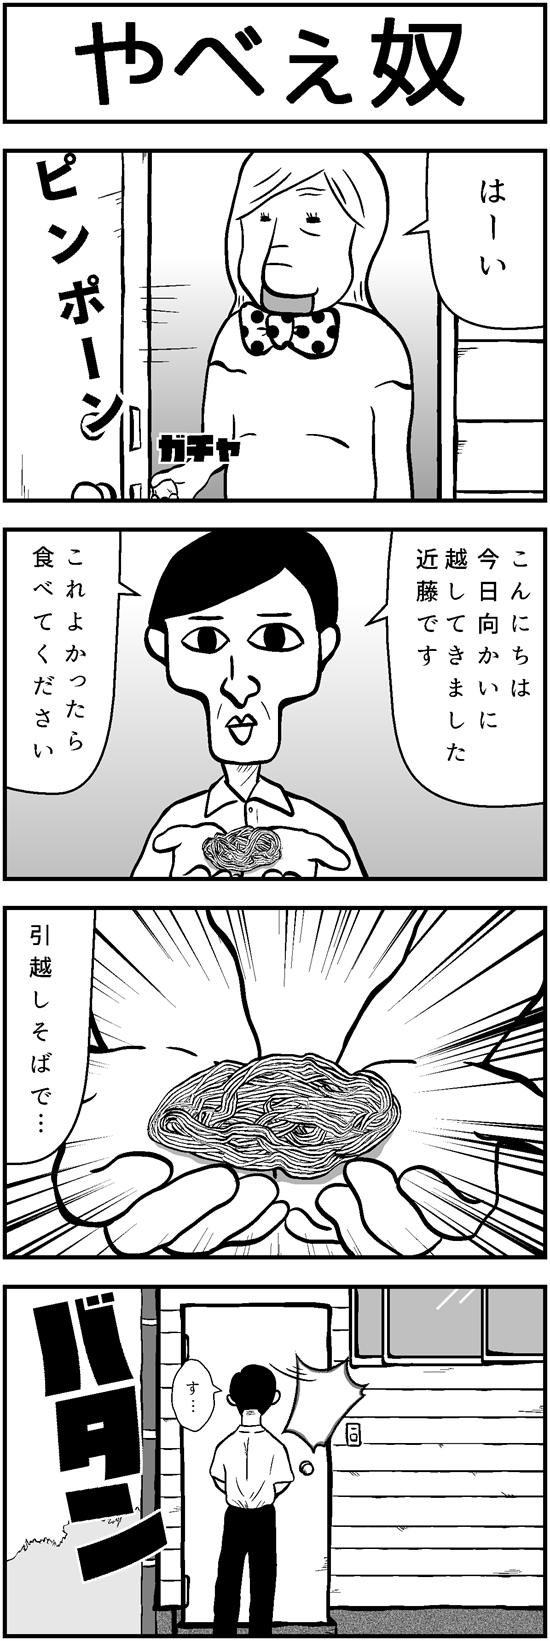 4コマ漫画 モンスト 第五十七話「やべぇ奴」